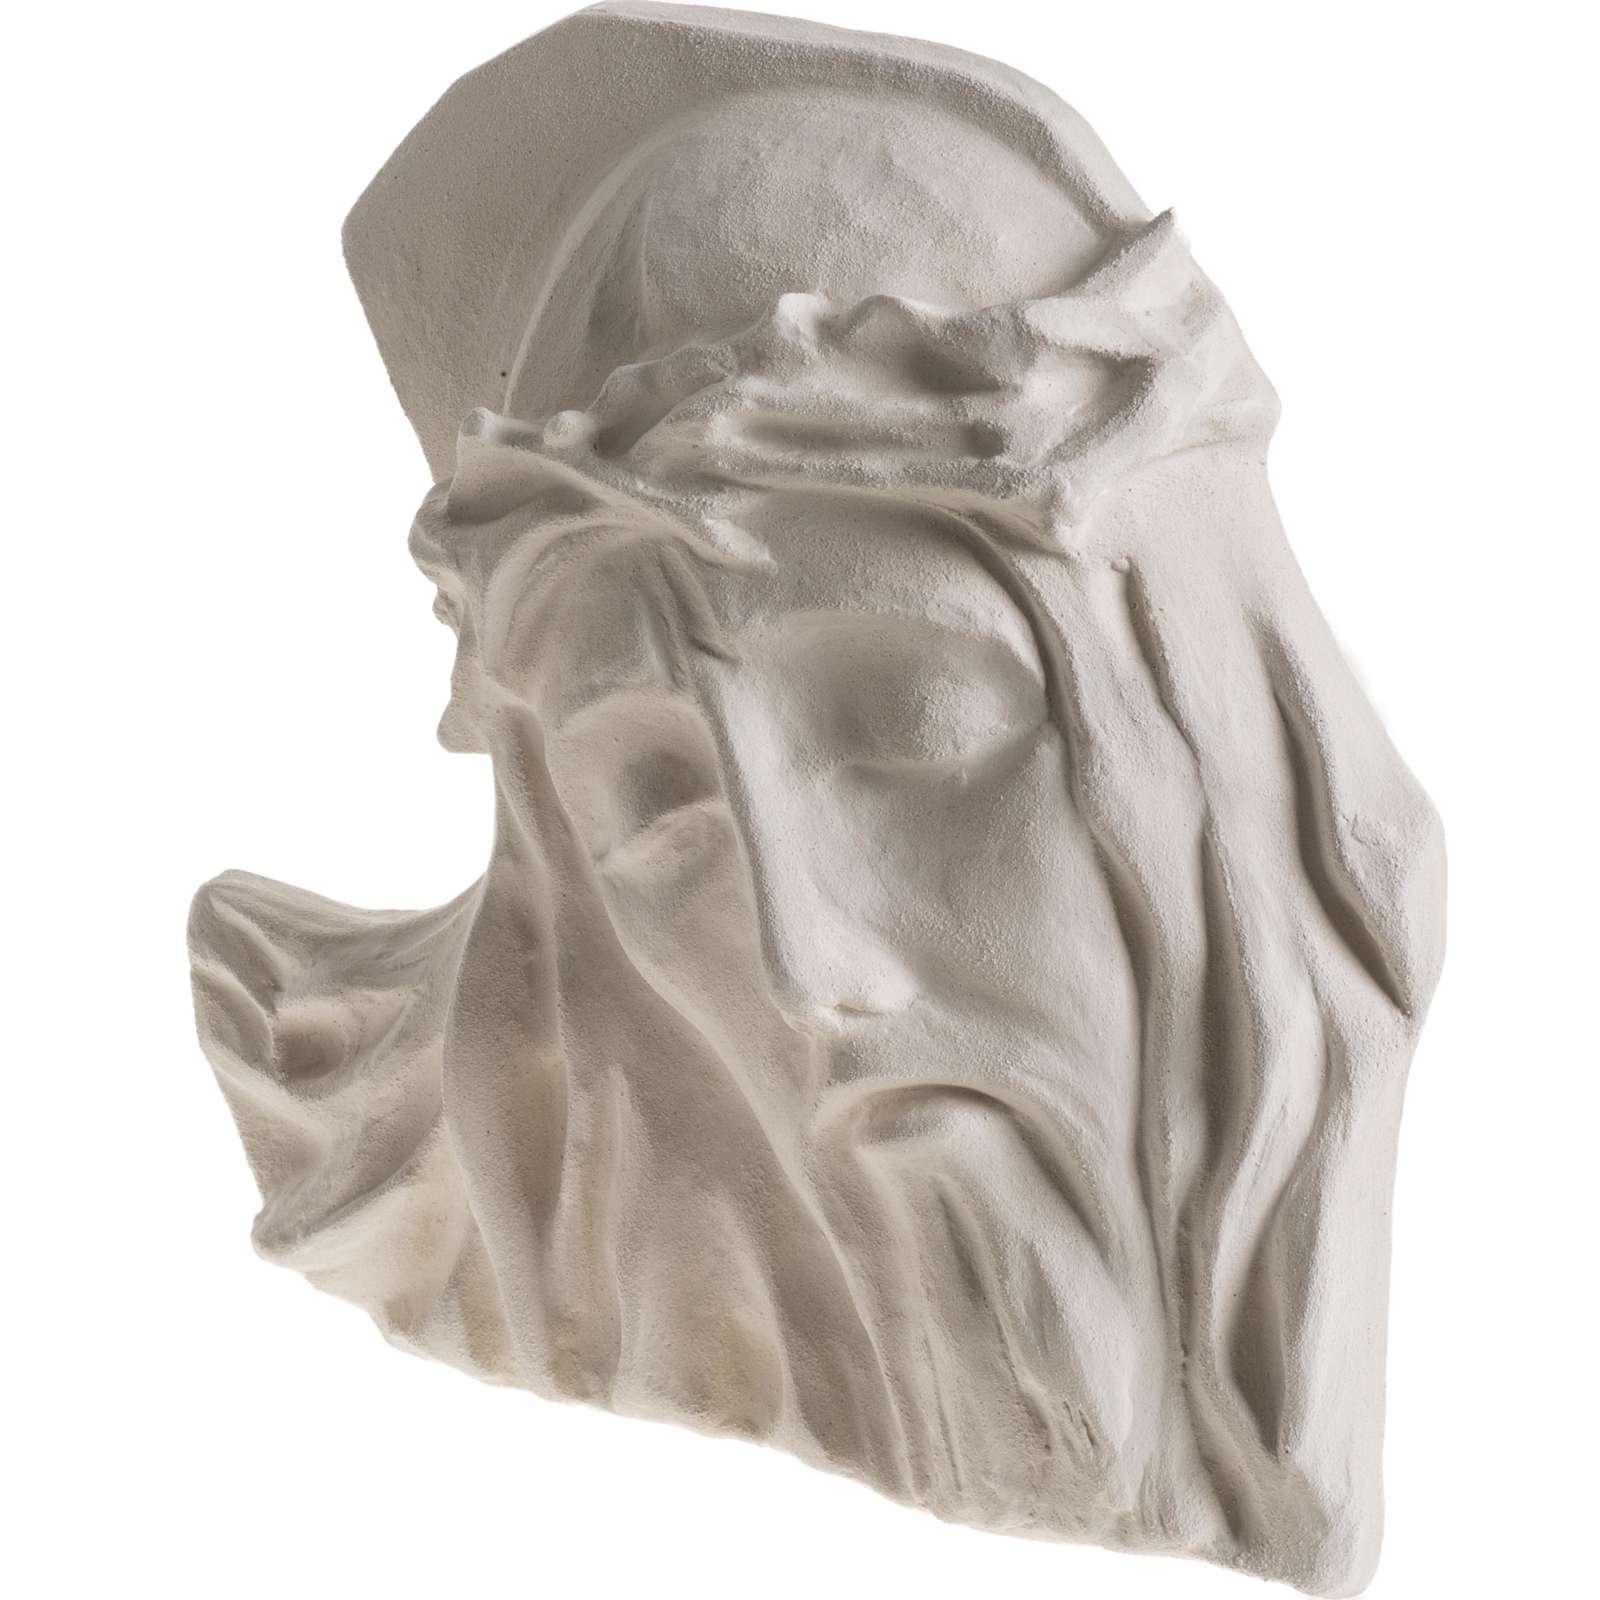 Bas relief Visage de Christ argile blanche 24 cm 4